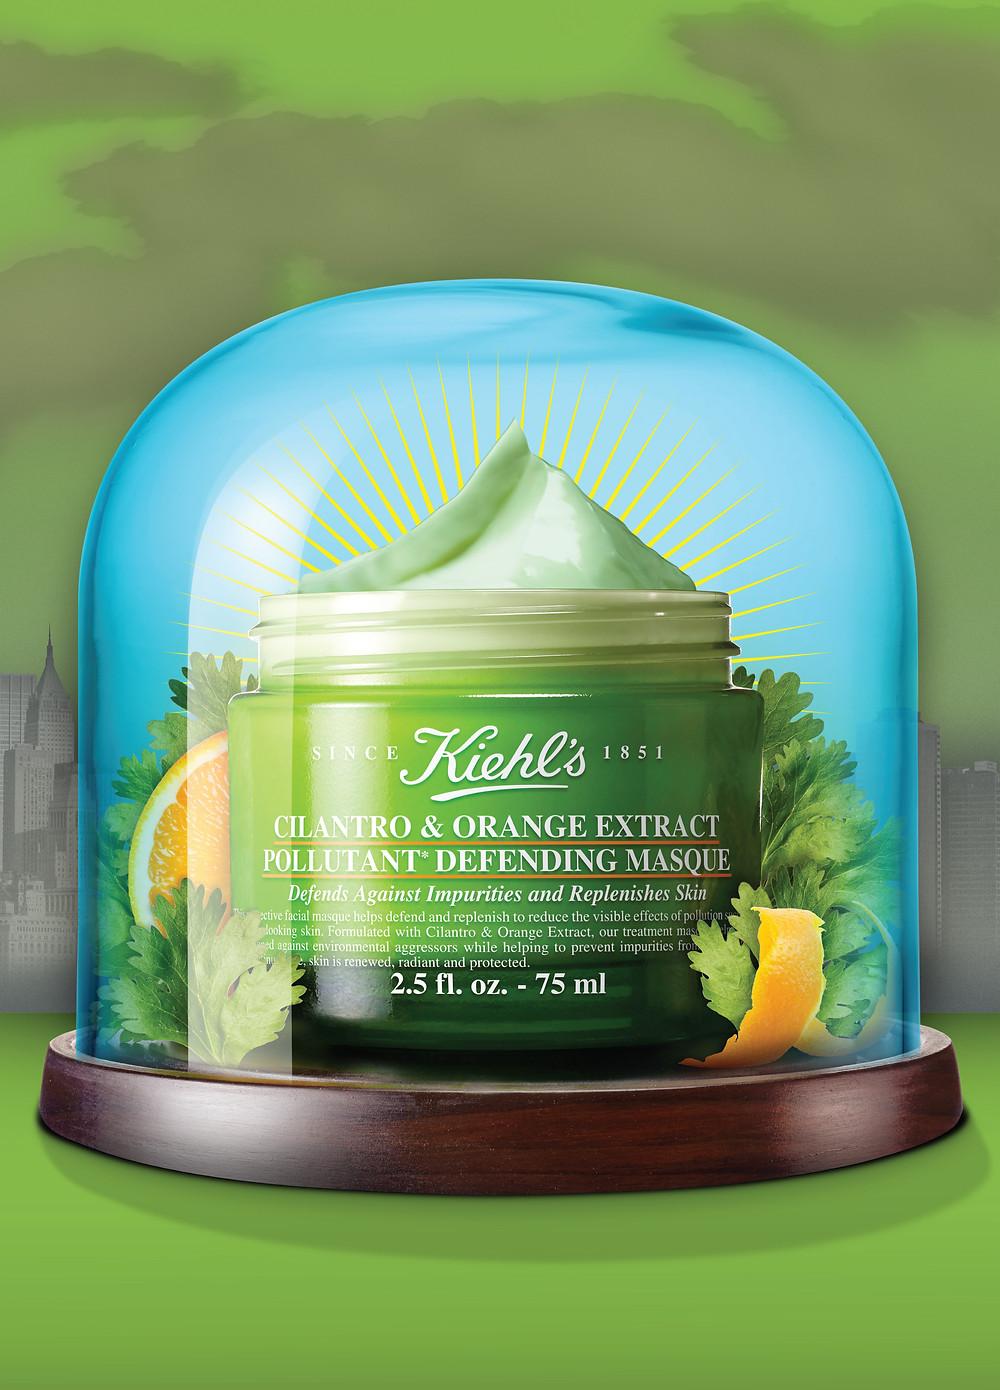 Kiehl's Nature Powered Masque Cilantro & Orange Extract